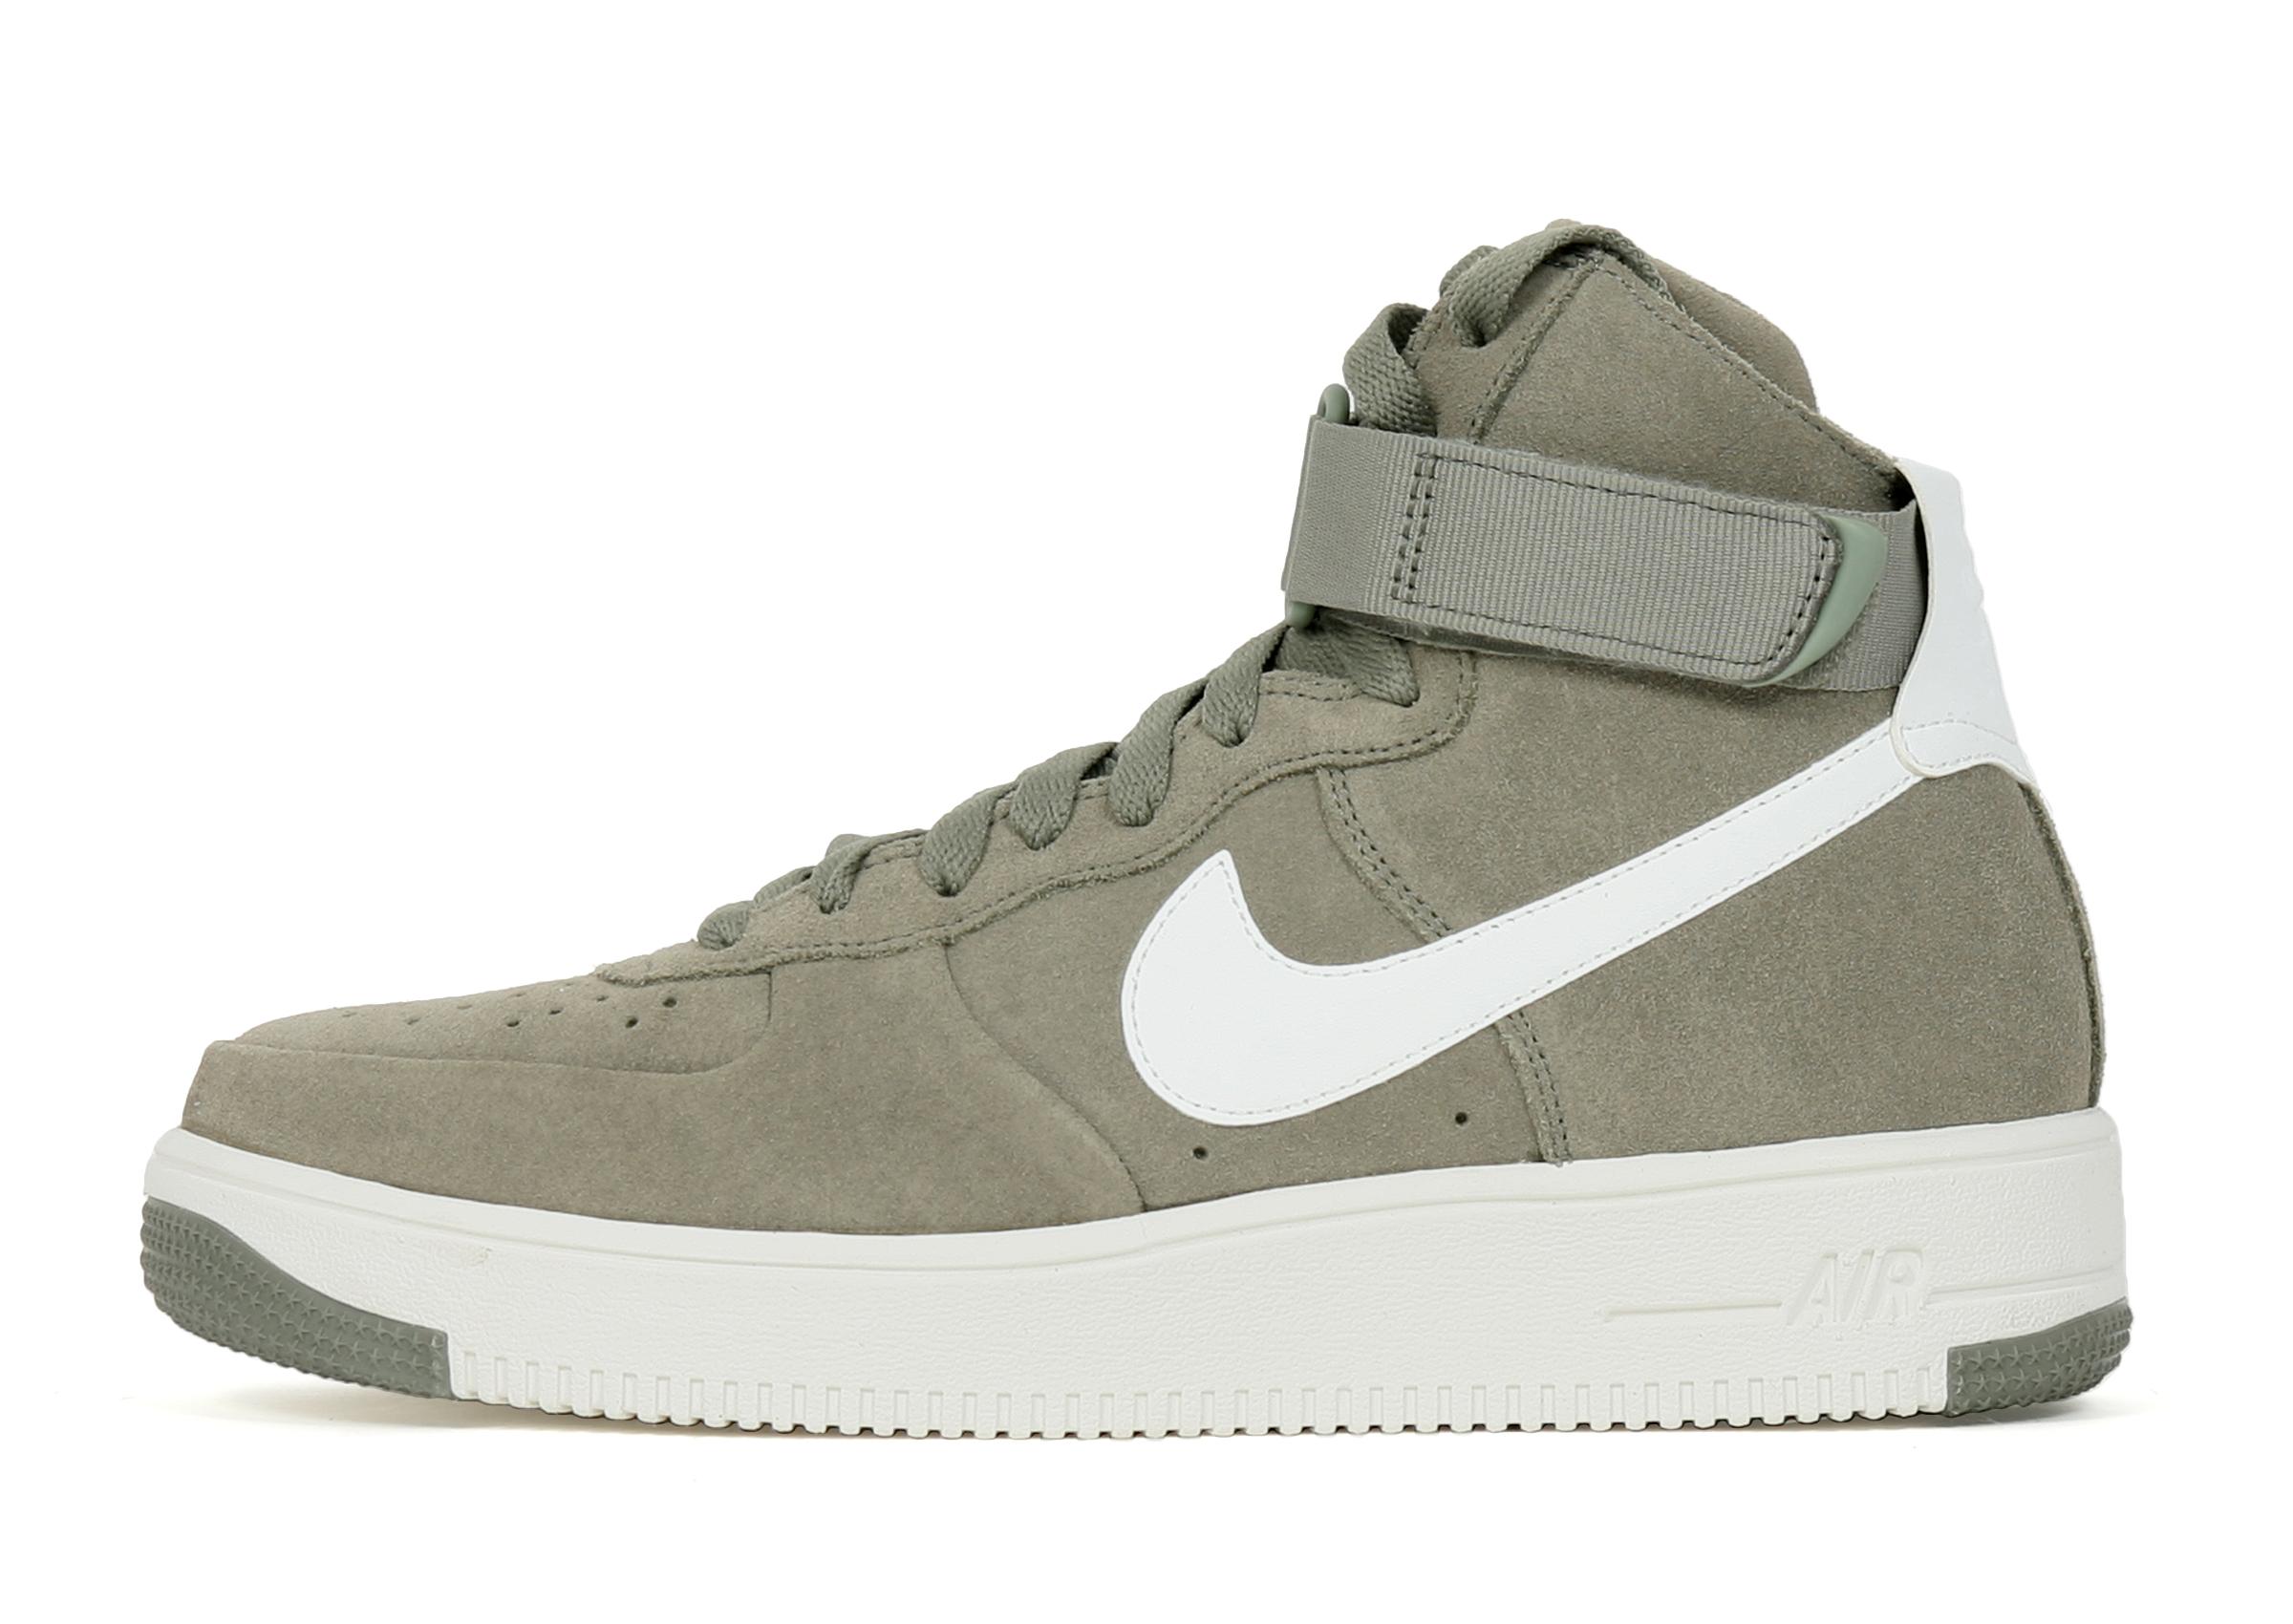 Odzież, Buty i Dodatki Men's Nike SF Air Force 1 Mid Vast